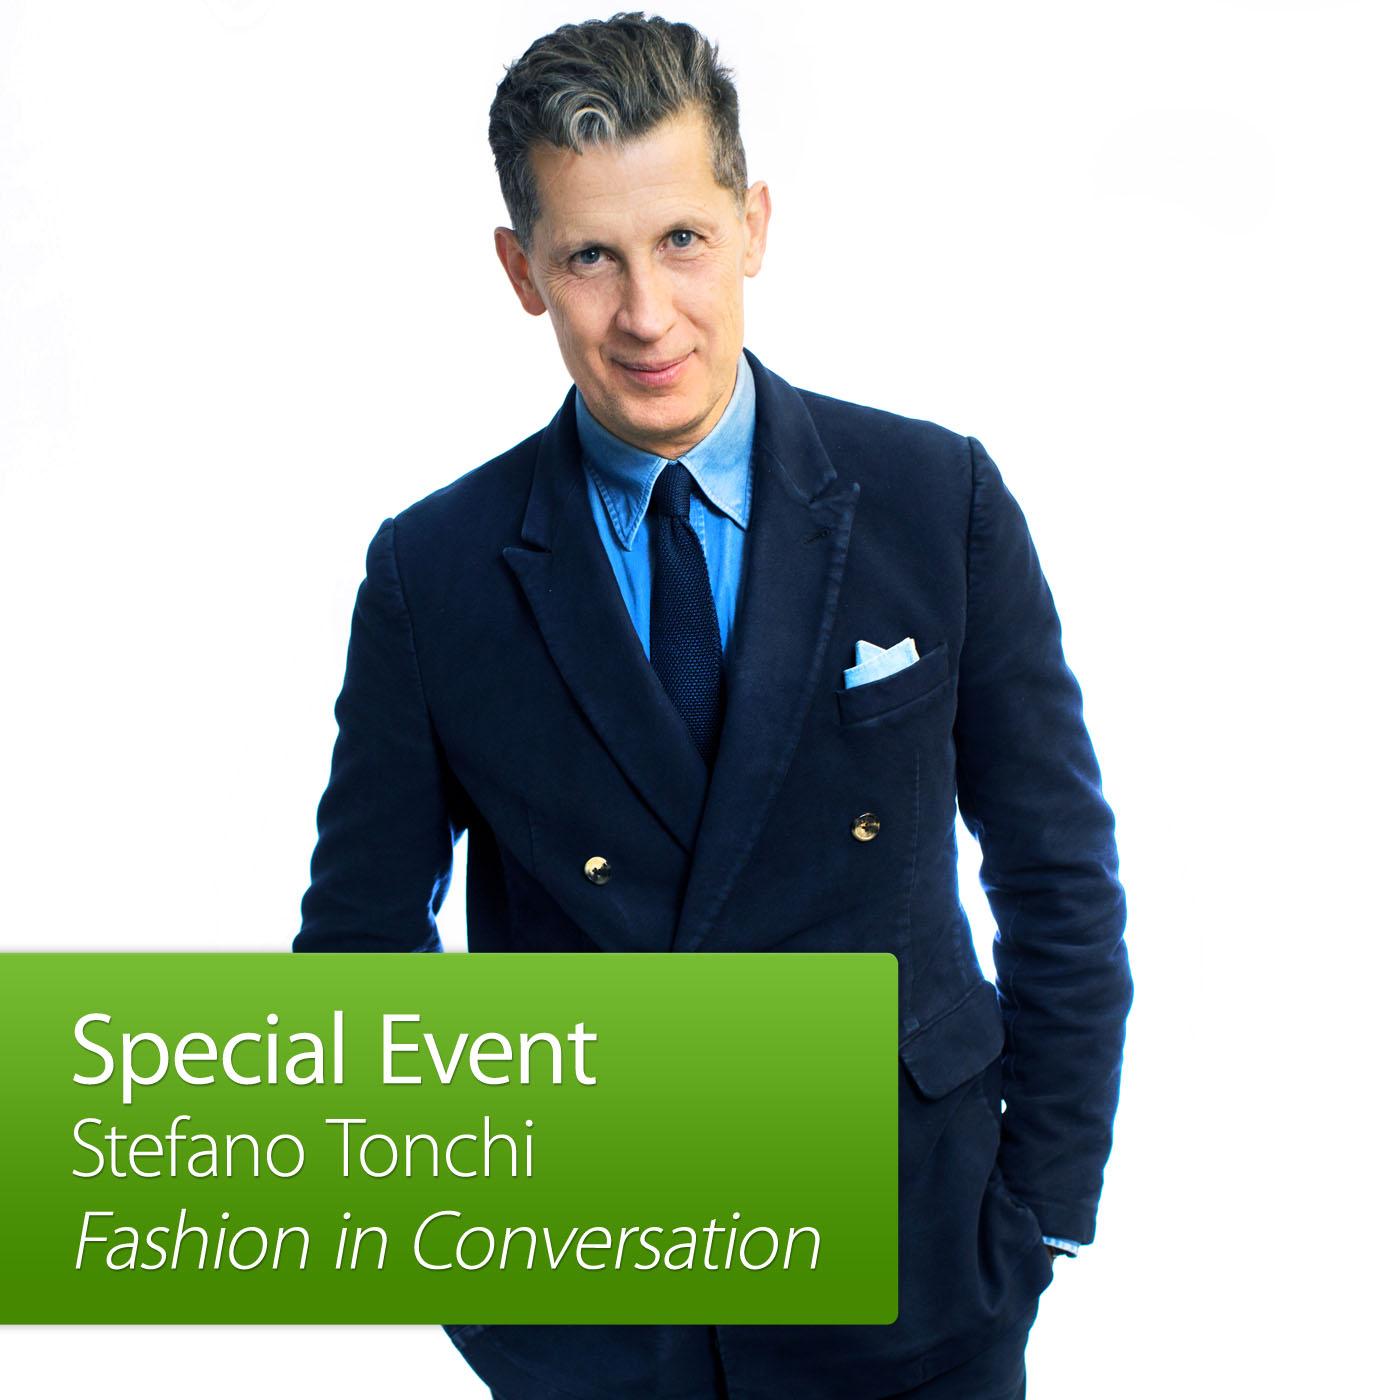 Stefano Tonchi: Fashion in Conversation